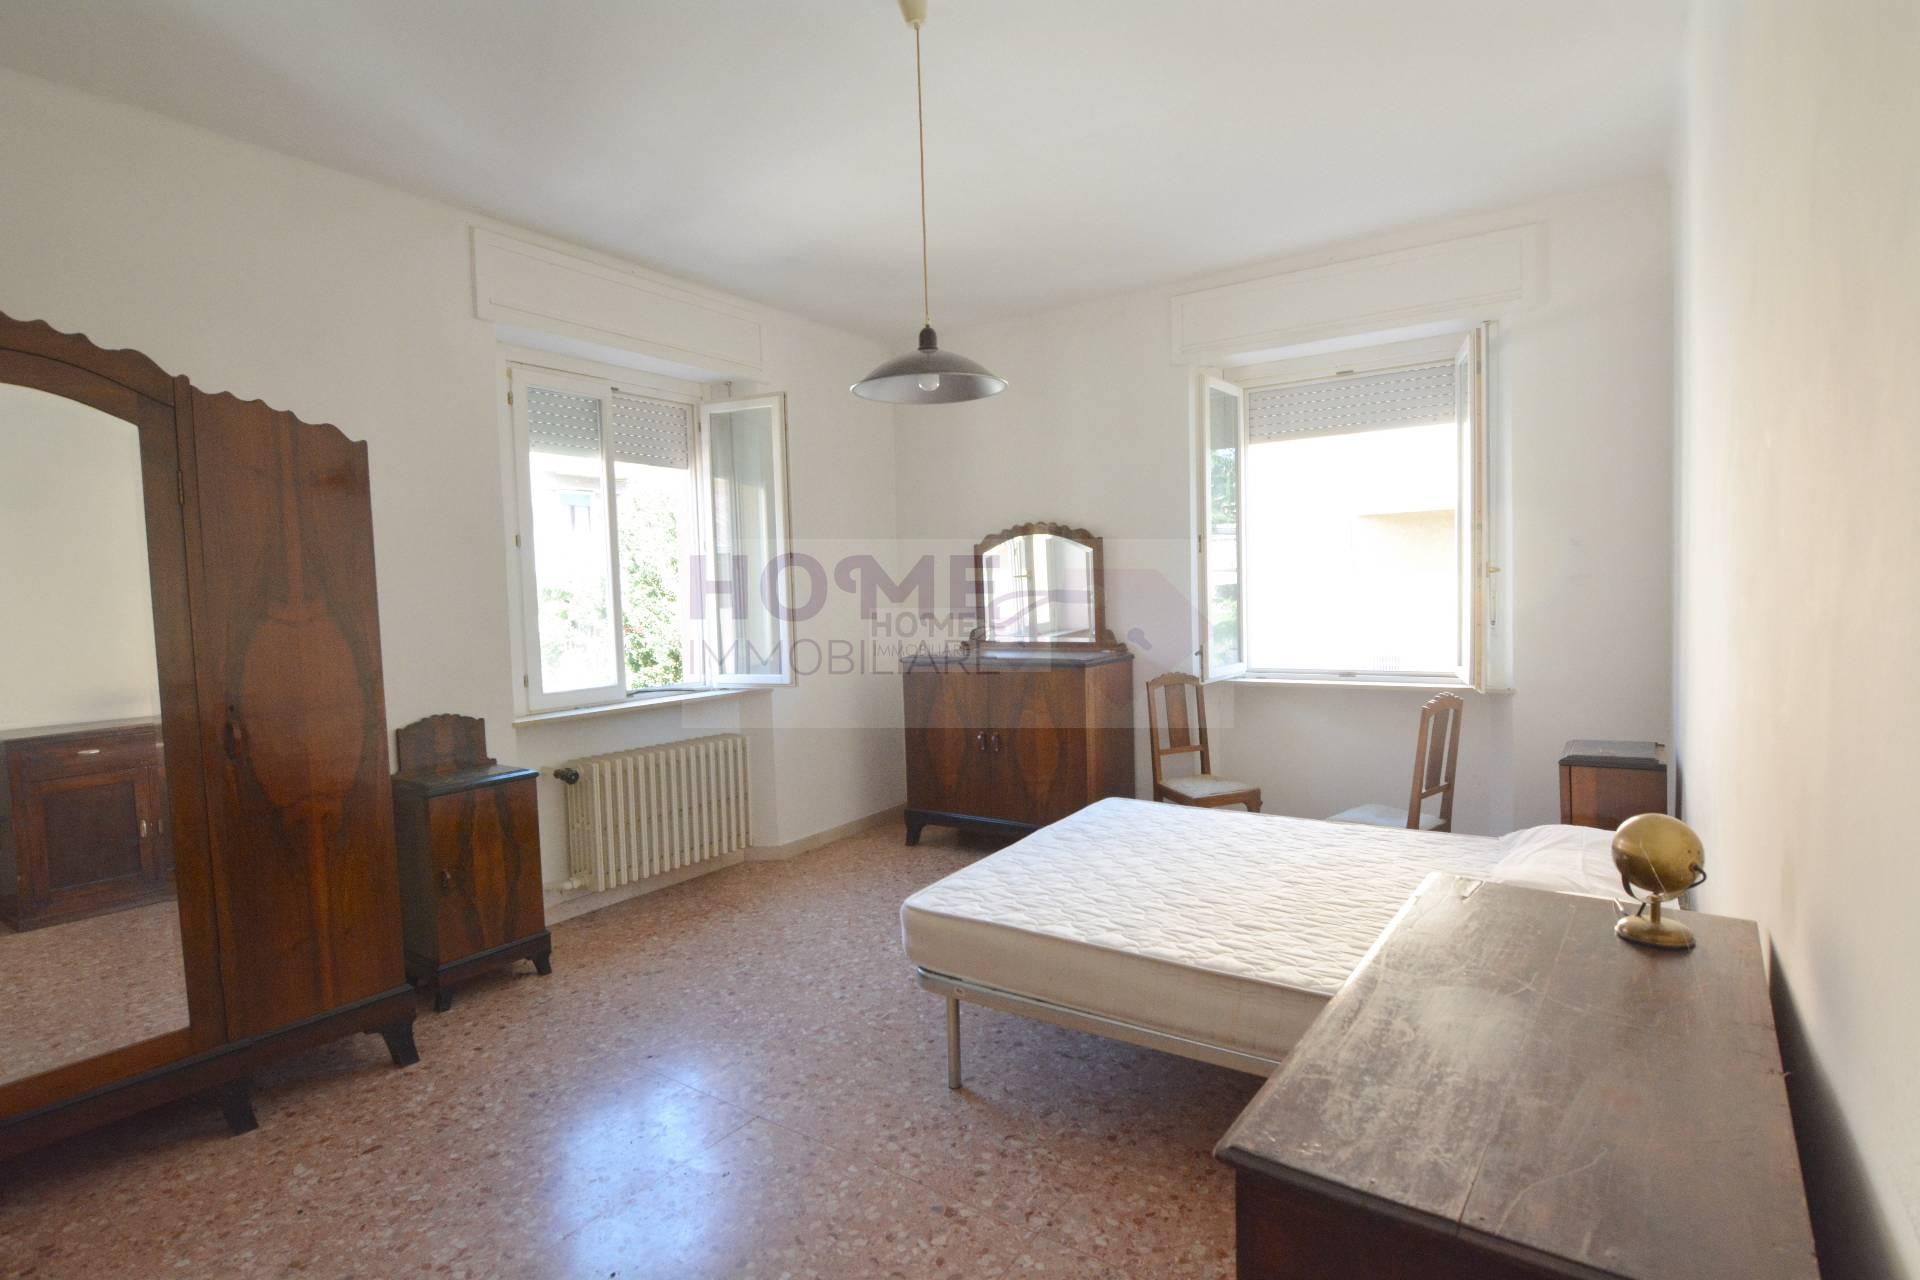 Appartamento in vendita a Macerata, 7 locali, zona Località: ZonaCentrale, prezzo € 100.000 | CambioCasa.it